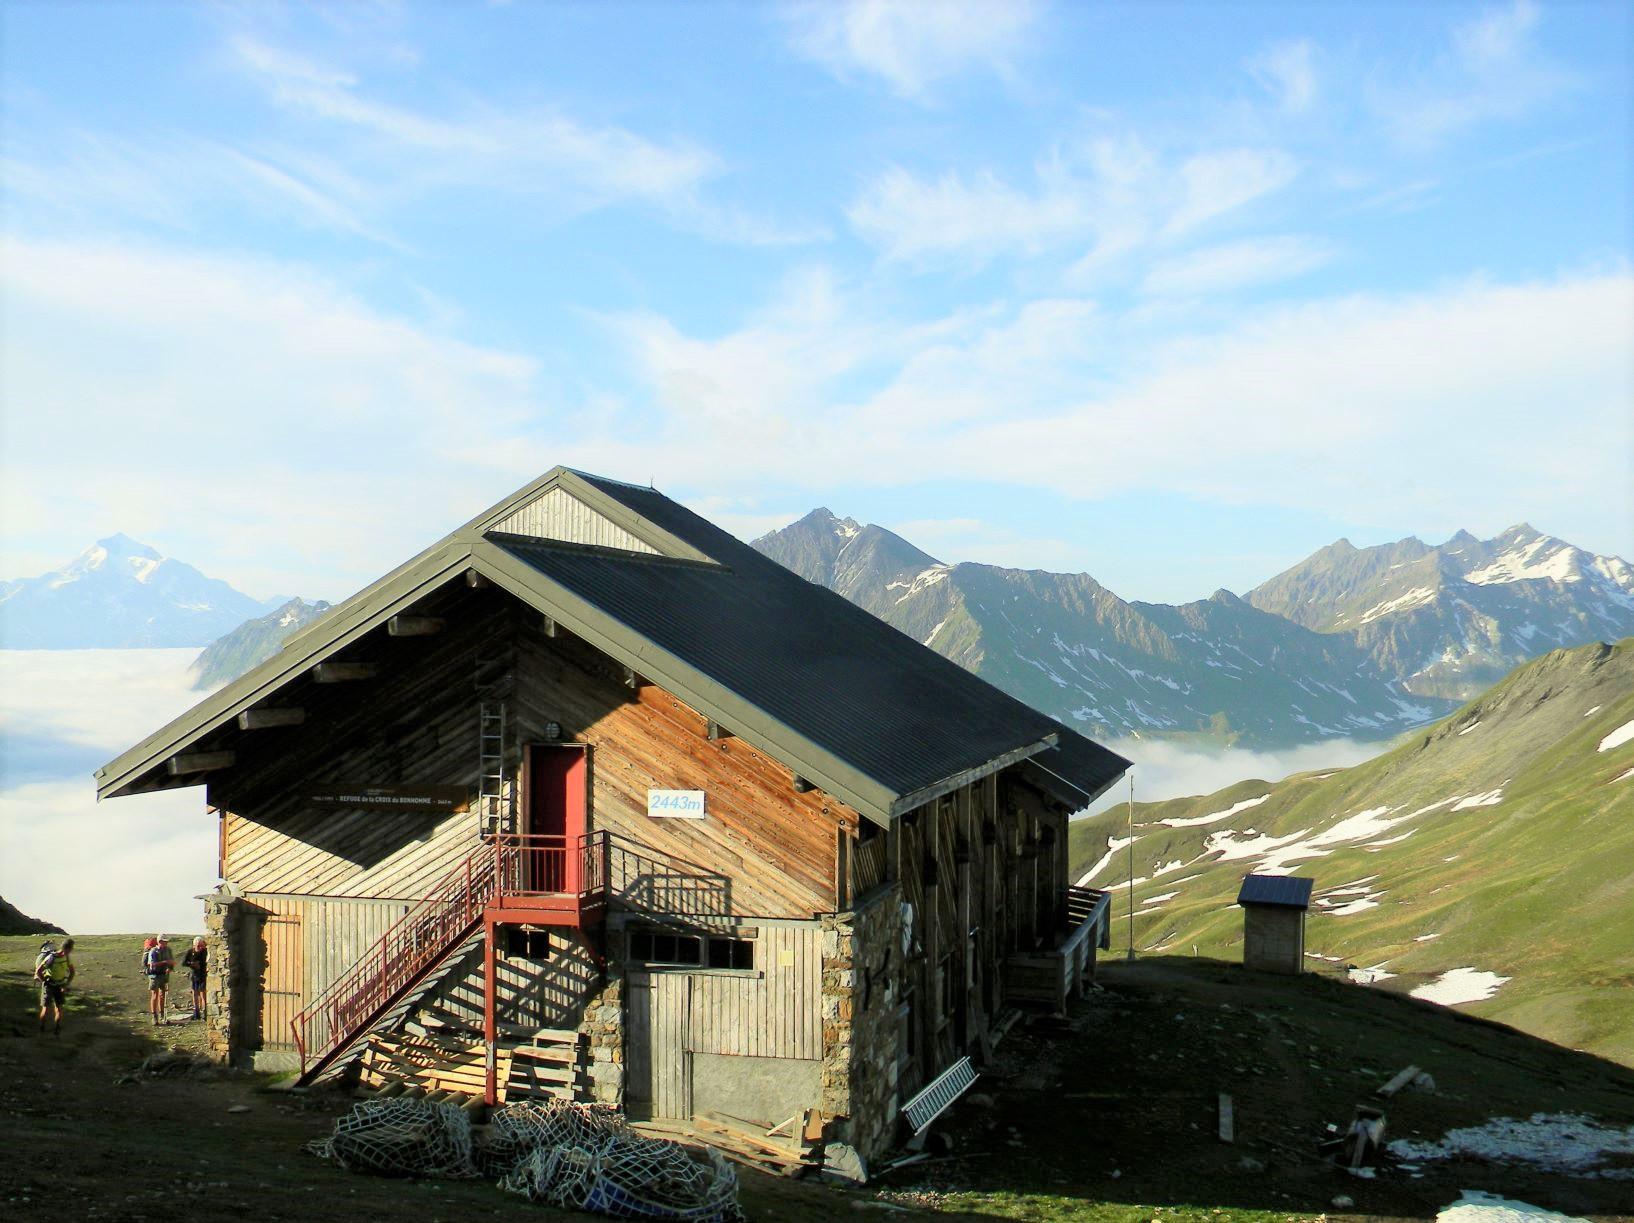 クロワ・デュ・ボンノムのコルのすぐ下、標高2,433mに建つ山小屋です。食後のデ ザートが好評です。